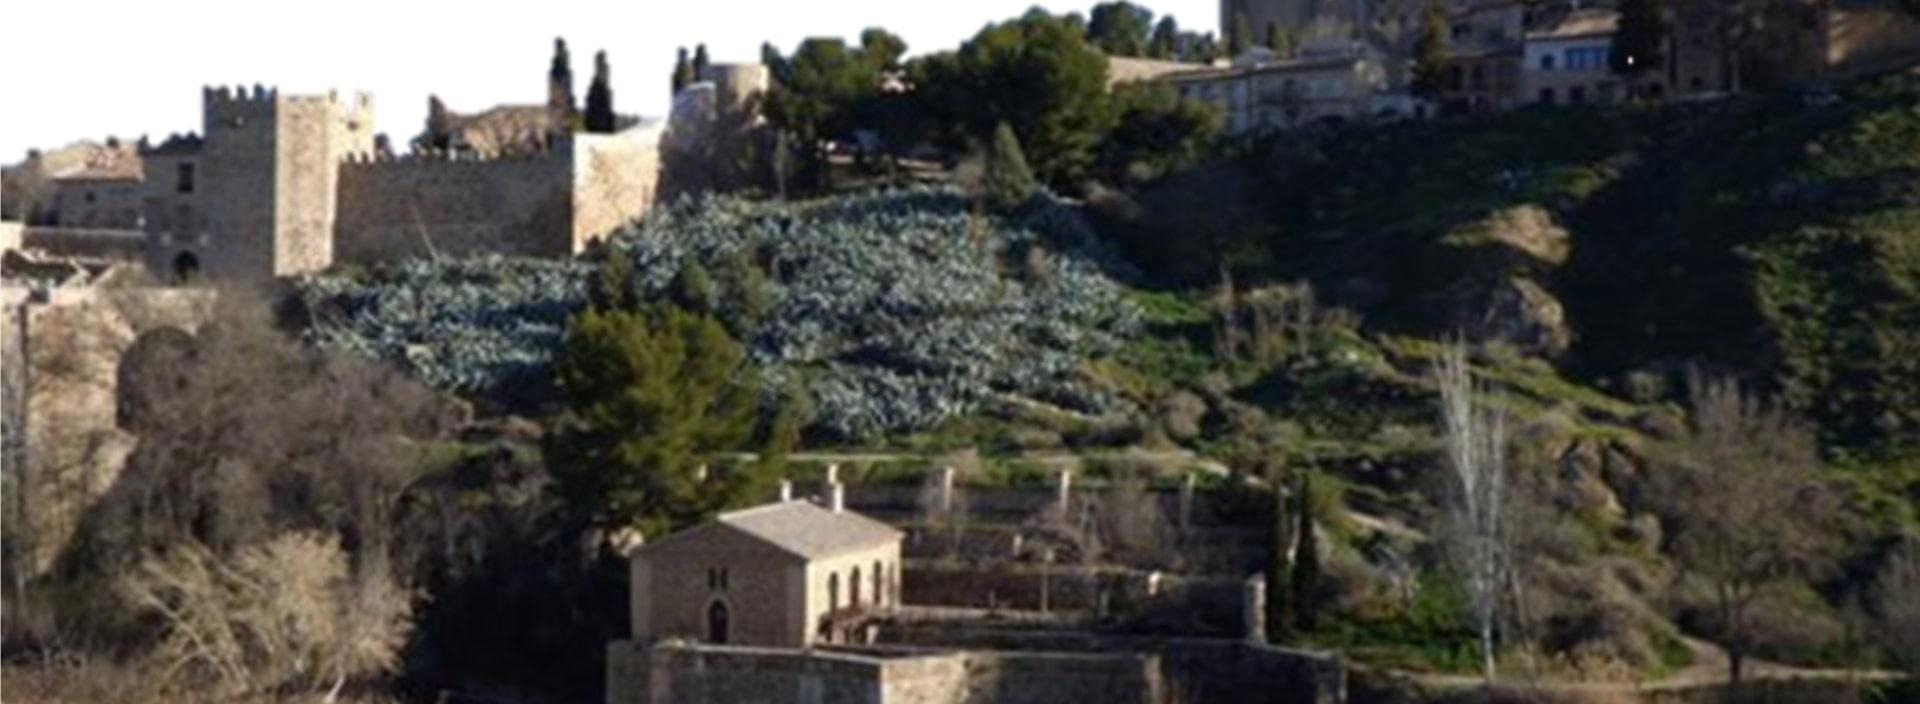 Visita guiada Judería de Toledo - Orígenes de Europa